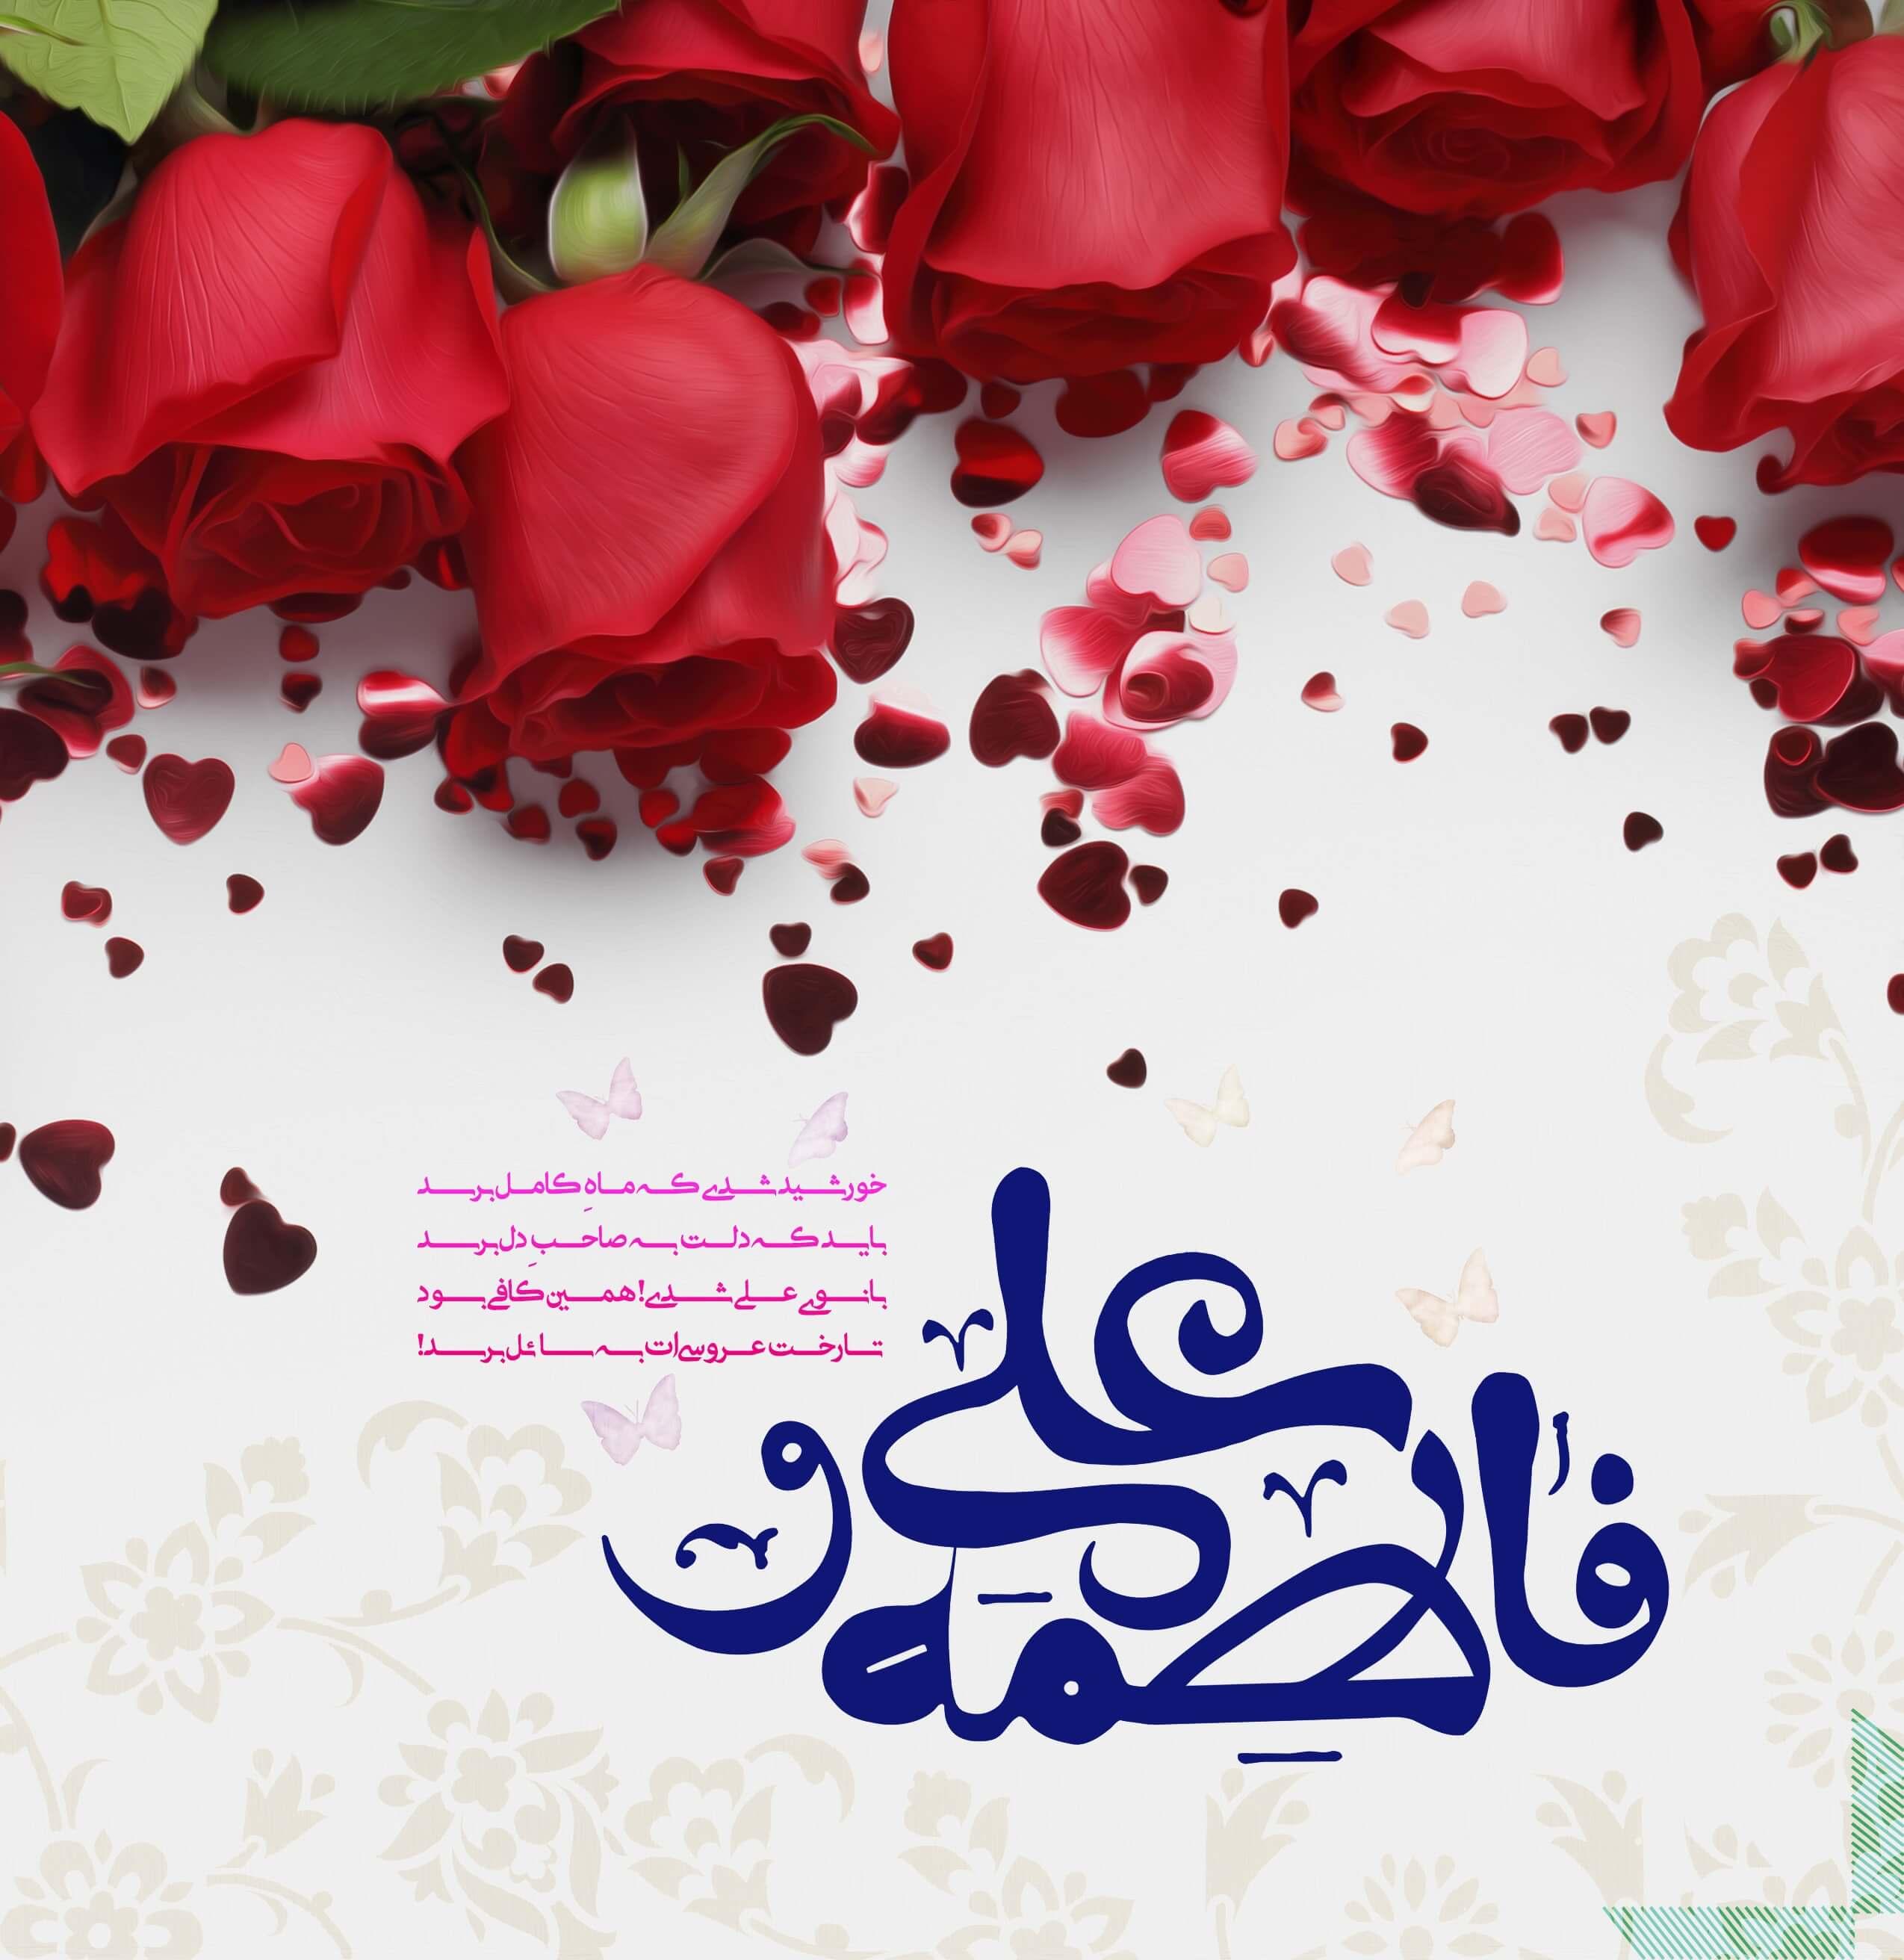 تصویر متحرک سالروز ازدواج حضرت علی (ع) و حضرت فاطمه (س) مبارک باد